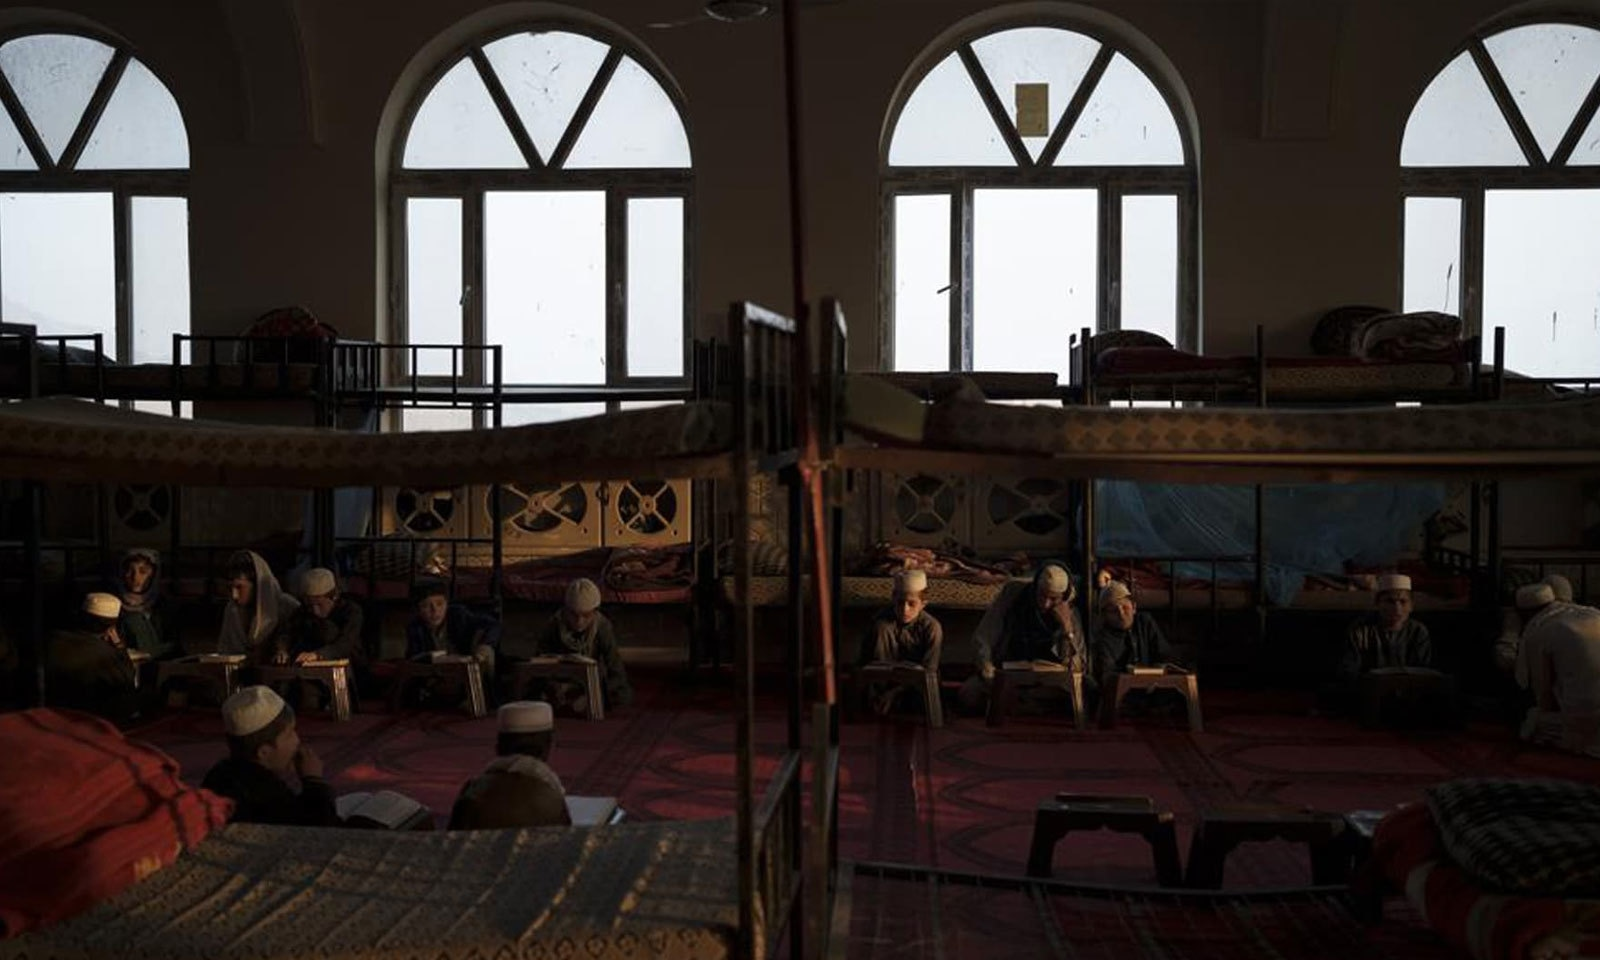 طلبا کابل کے مدرسے میں قرآن پاک کی تلاوت میں مصروف ہیں—فوٹو: اے پی